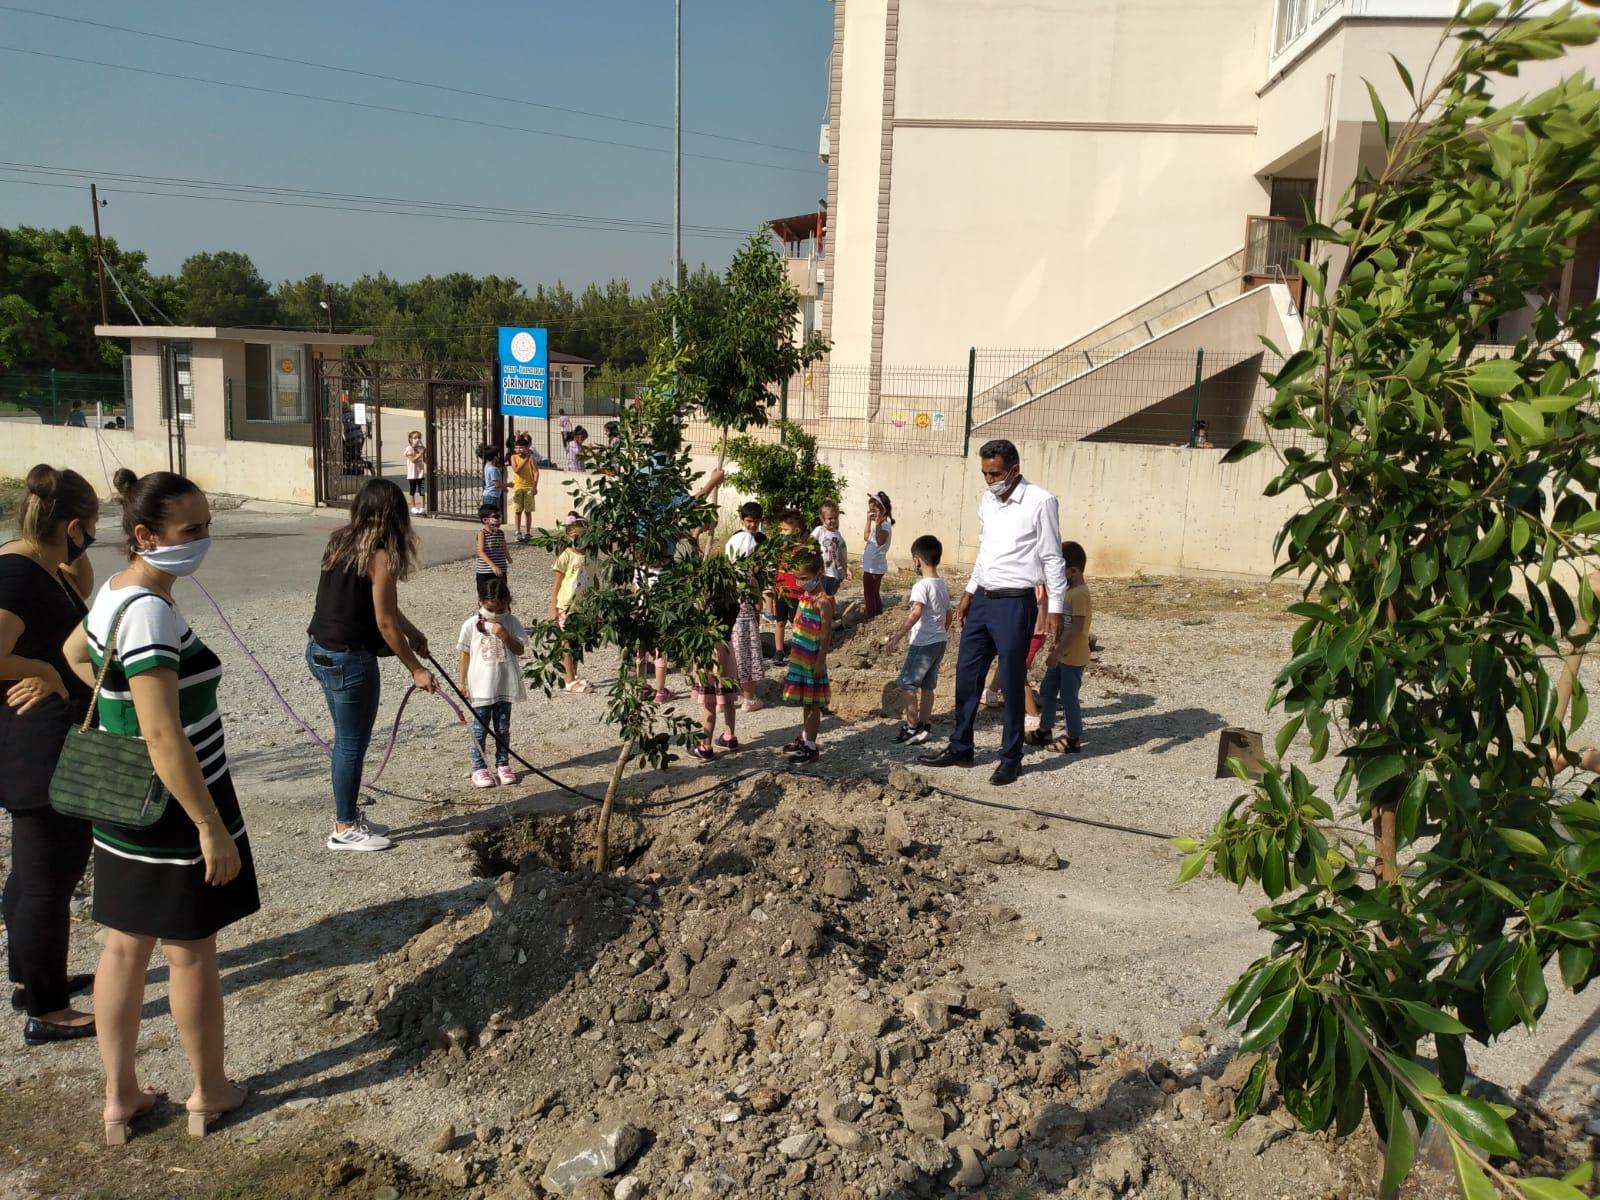 Şirinyurt İlkokulundan Ağaçlandırma Çalışması